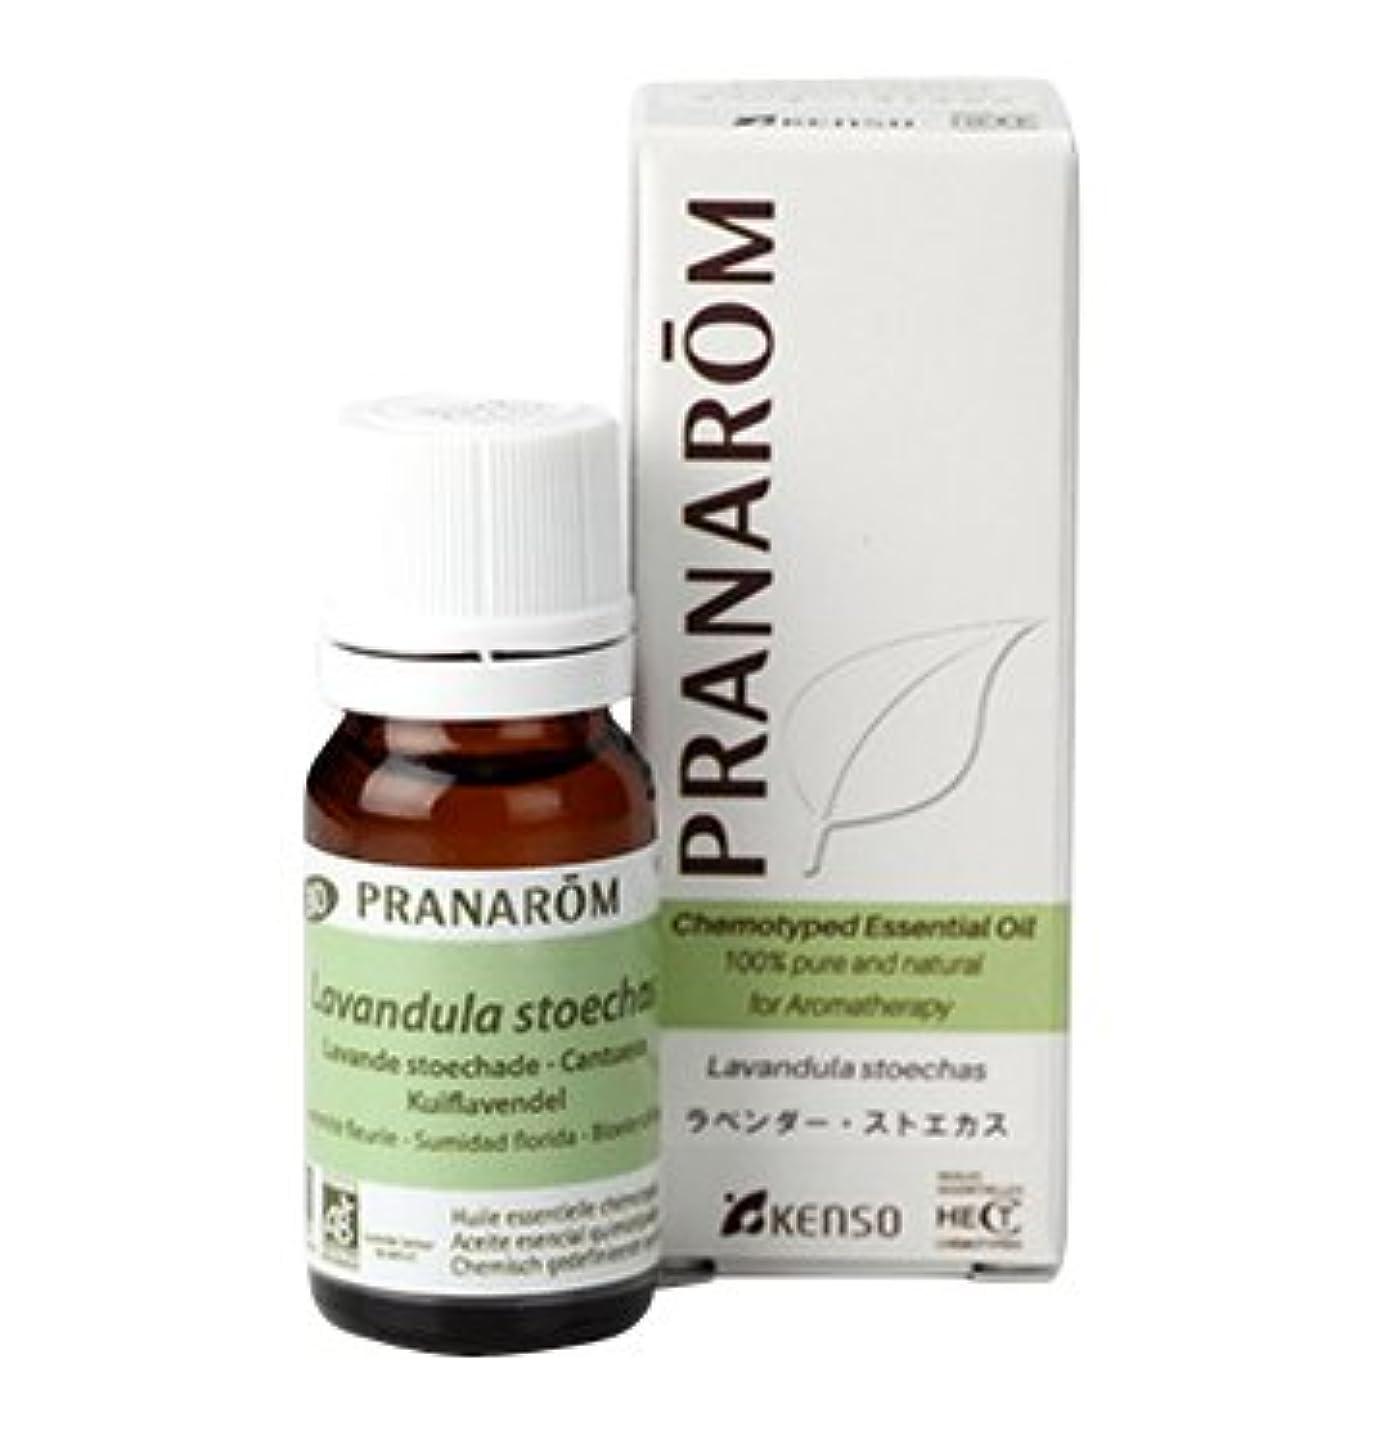 警戒汚物削減プラナロム ( PRANAROM ) 精油 ラベンダー?ストエカス 10ml p-102 ラベンダーストエカス